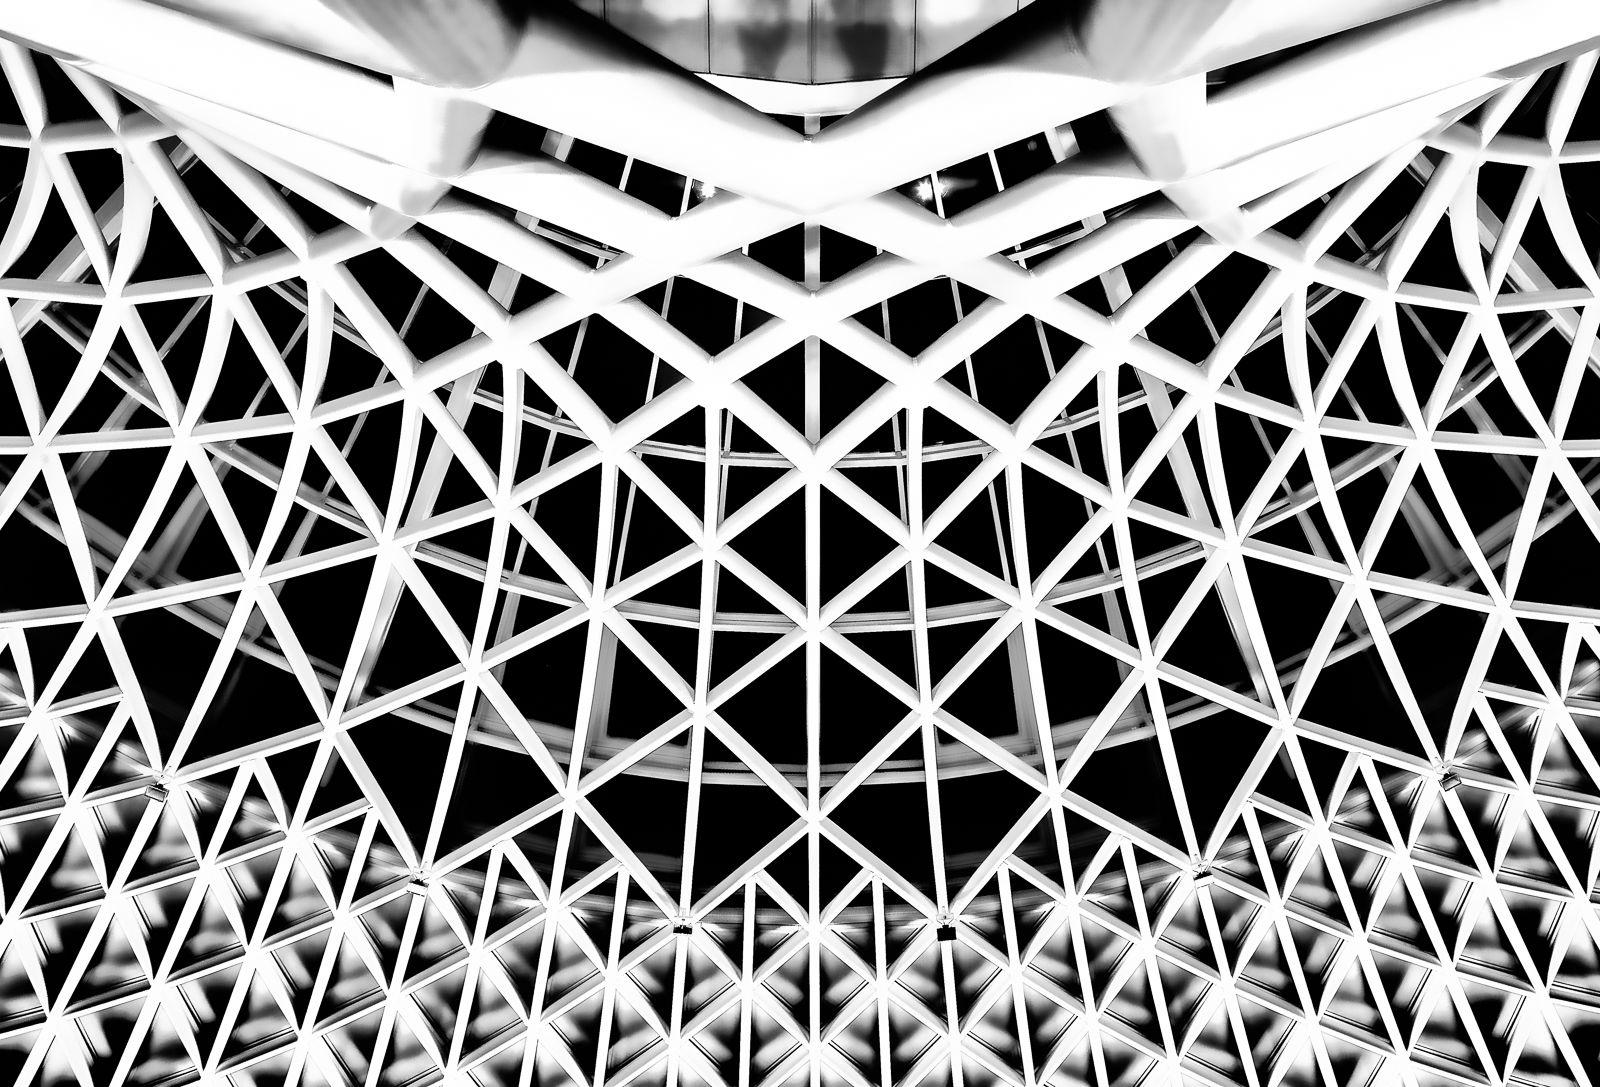 Kings Cross Station Ceiling, London, UK